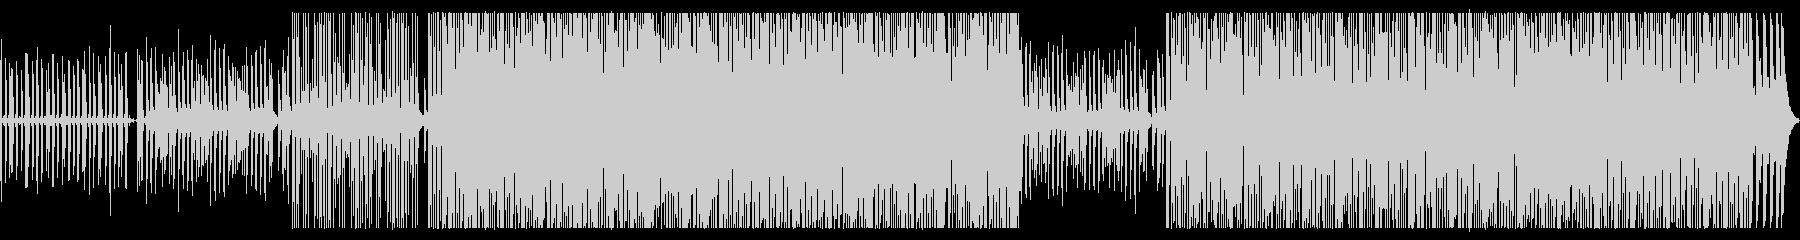 奇妙で生々しいエレクトロバラードの未再生の波形